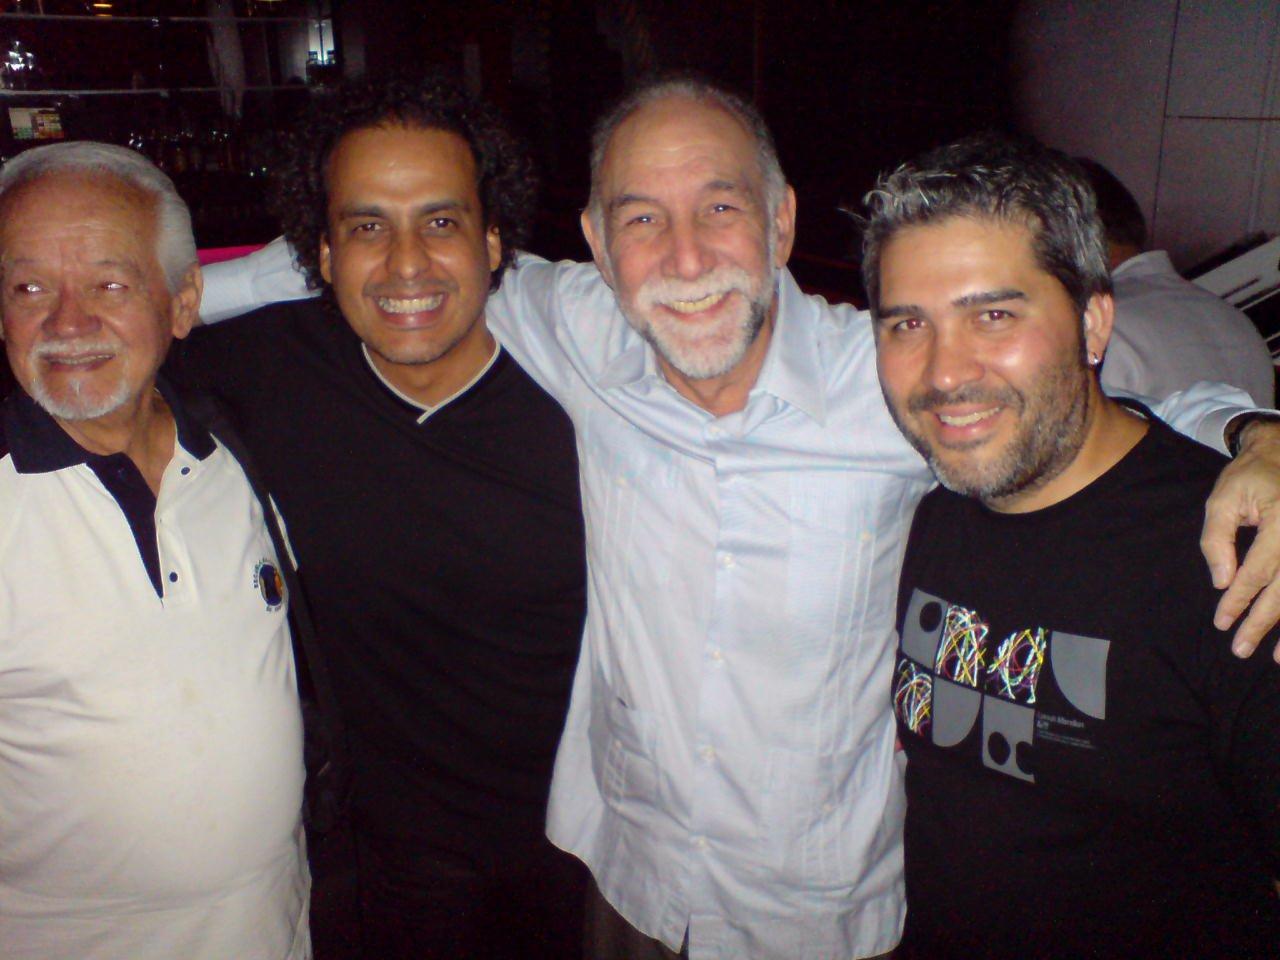 """Salvador Soteldo, Yrvis Mendez y Carlos Morean """"Los Darts""""  - Raimundo Nieves"""